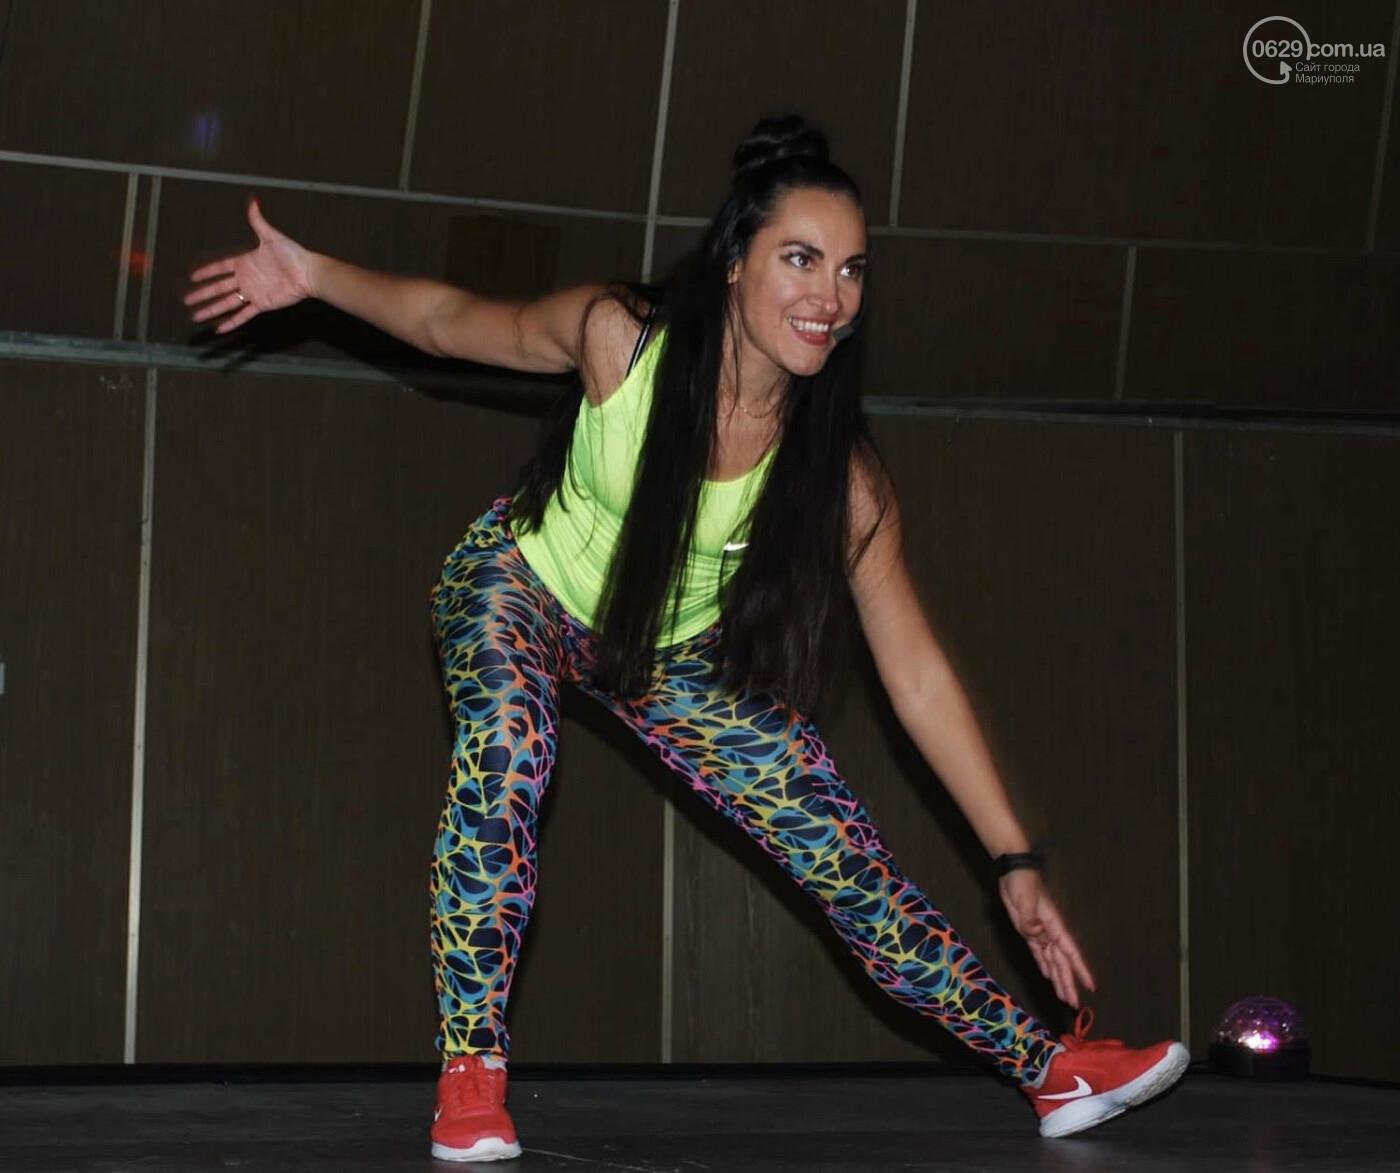 Ведущие тренеры  Мариуполя провели второй FitnessWeekend,- ФОТО, фото-2